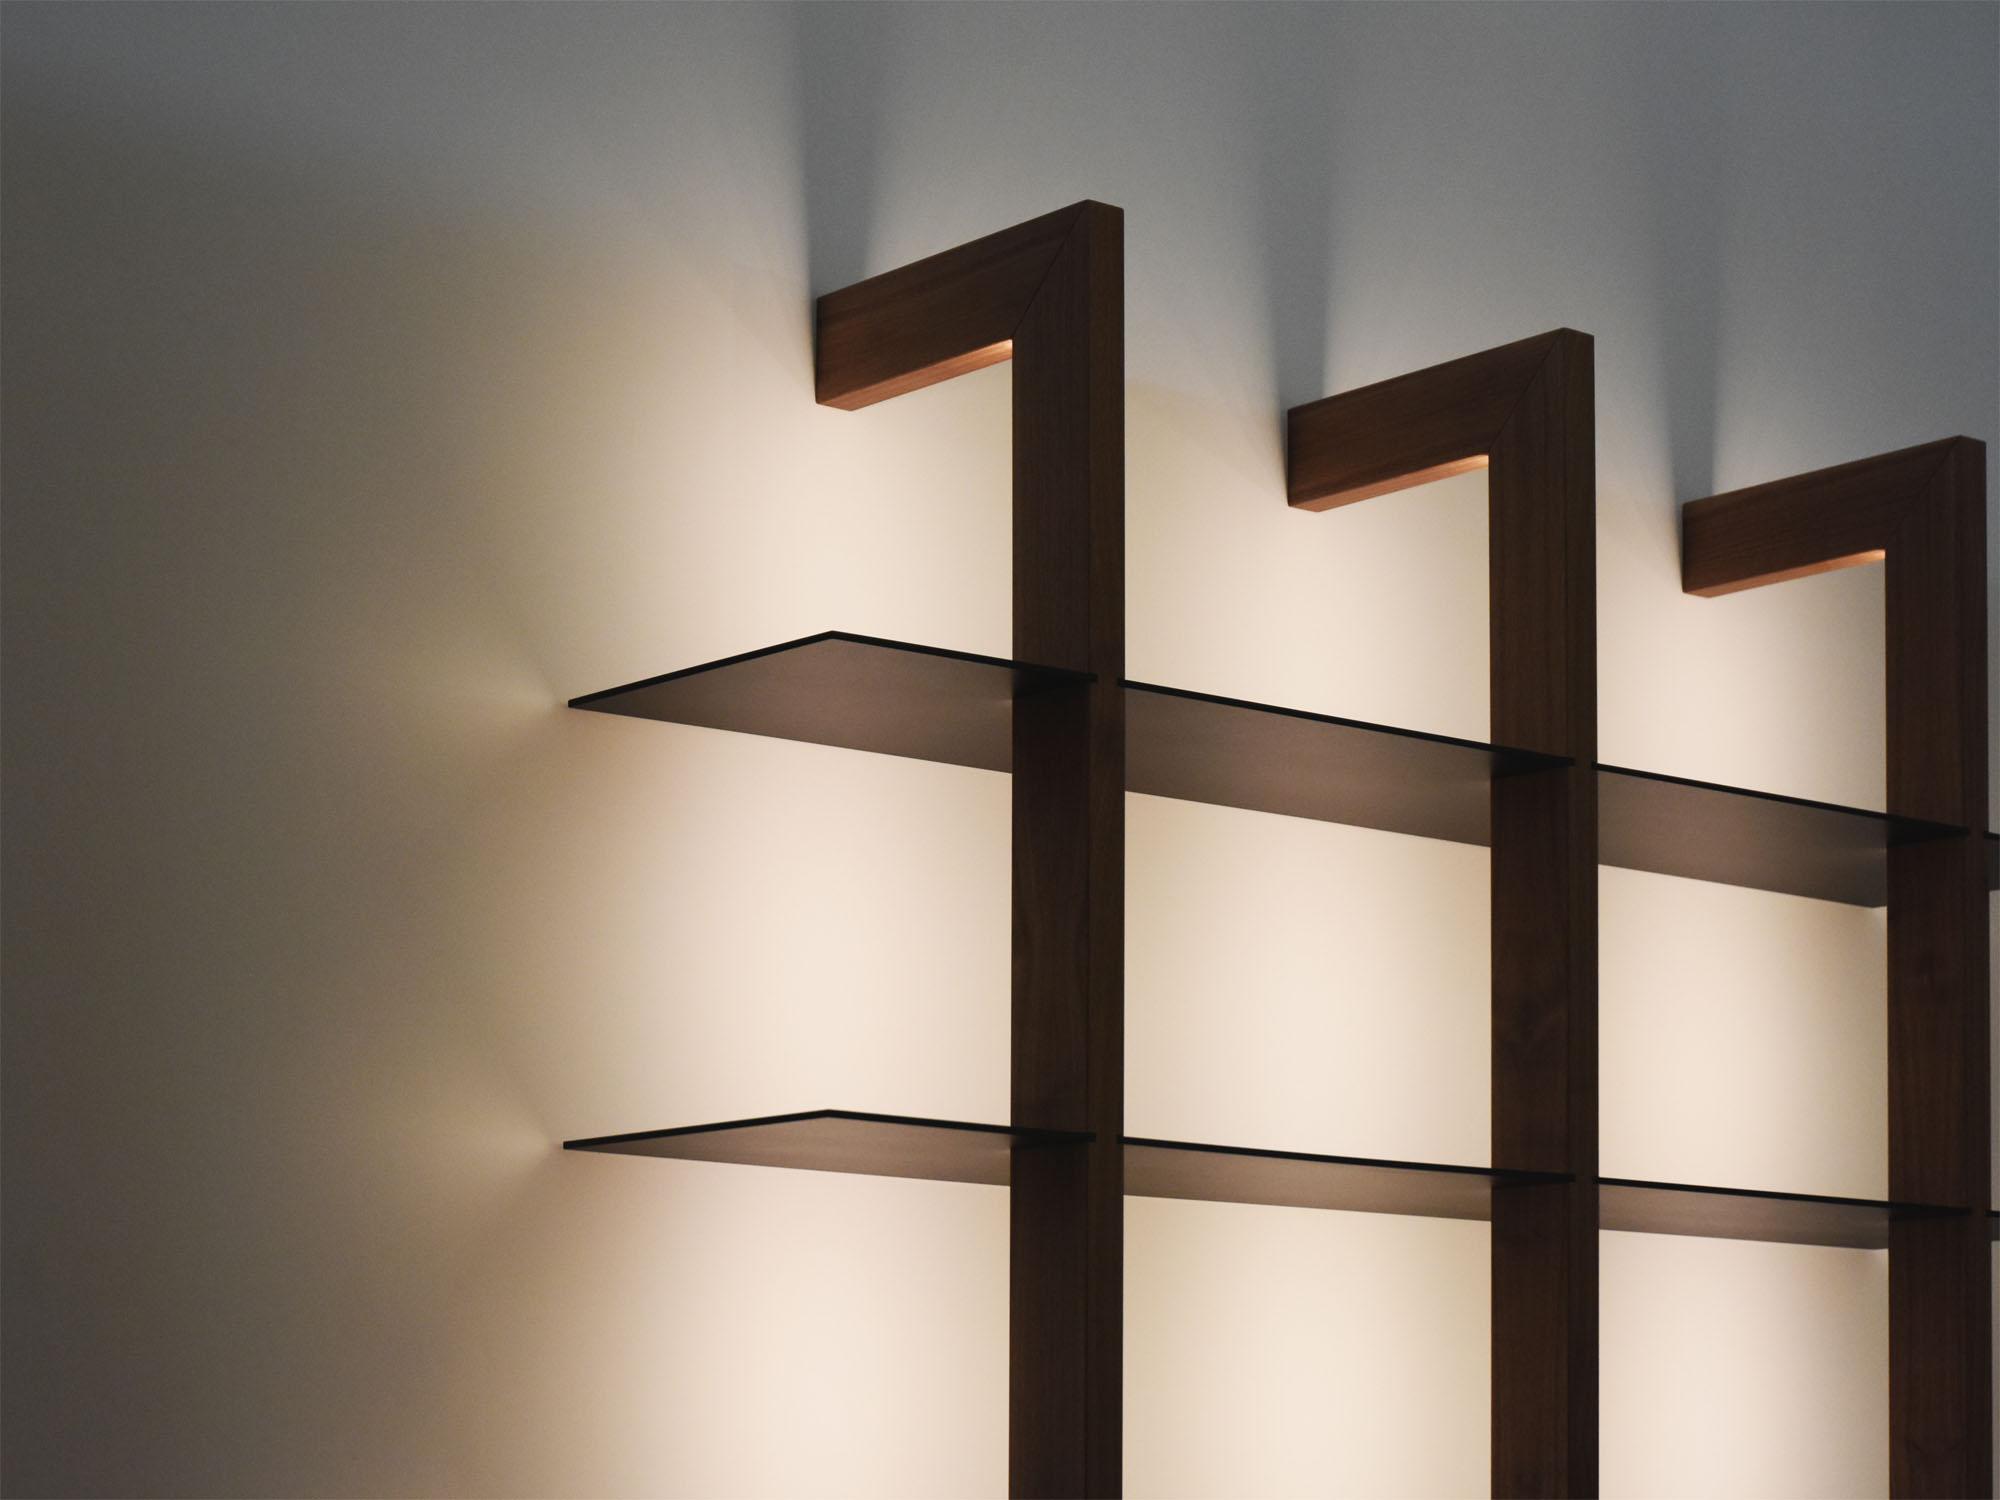 Castelijn GROOVE-XS - design by Coen Castelijn